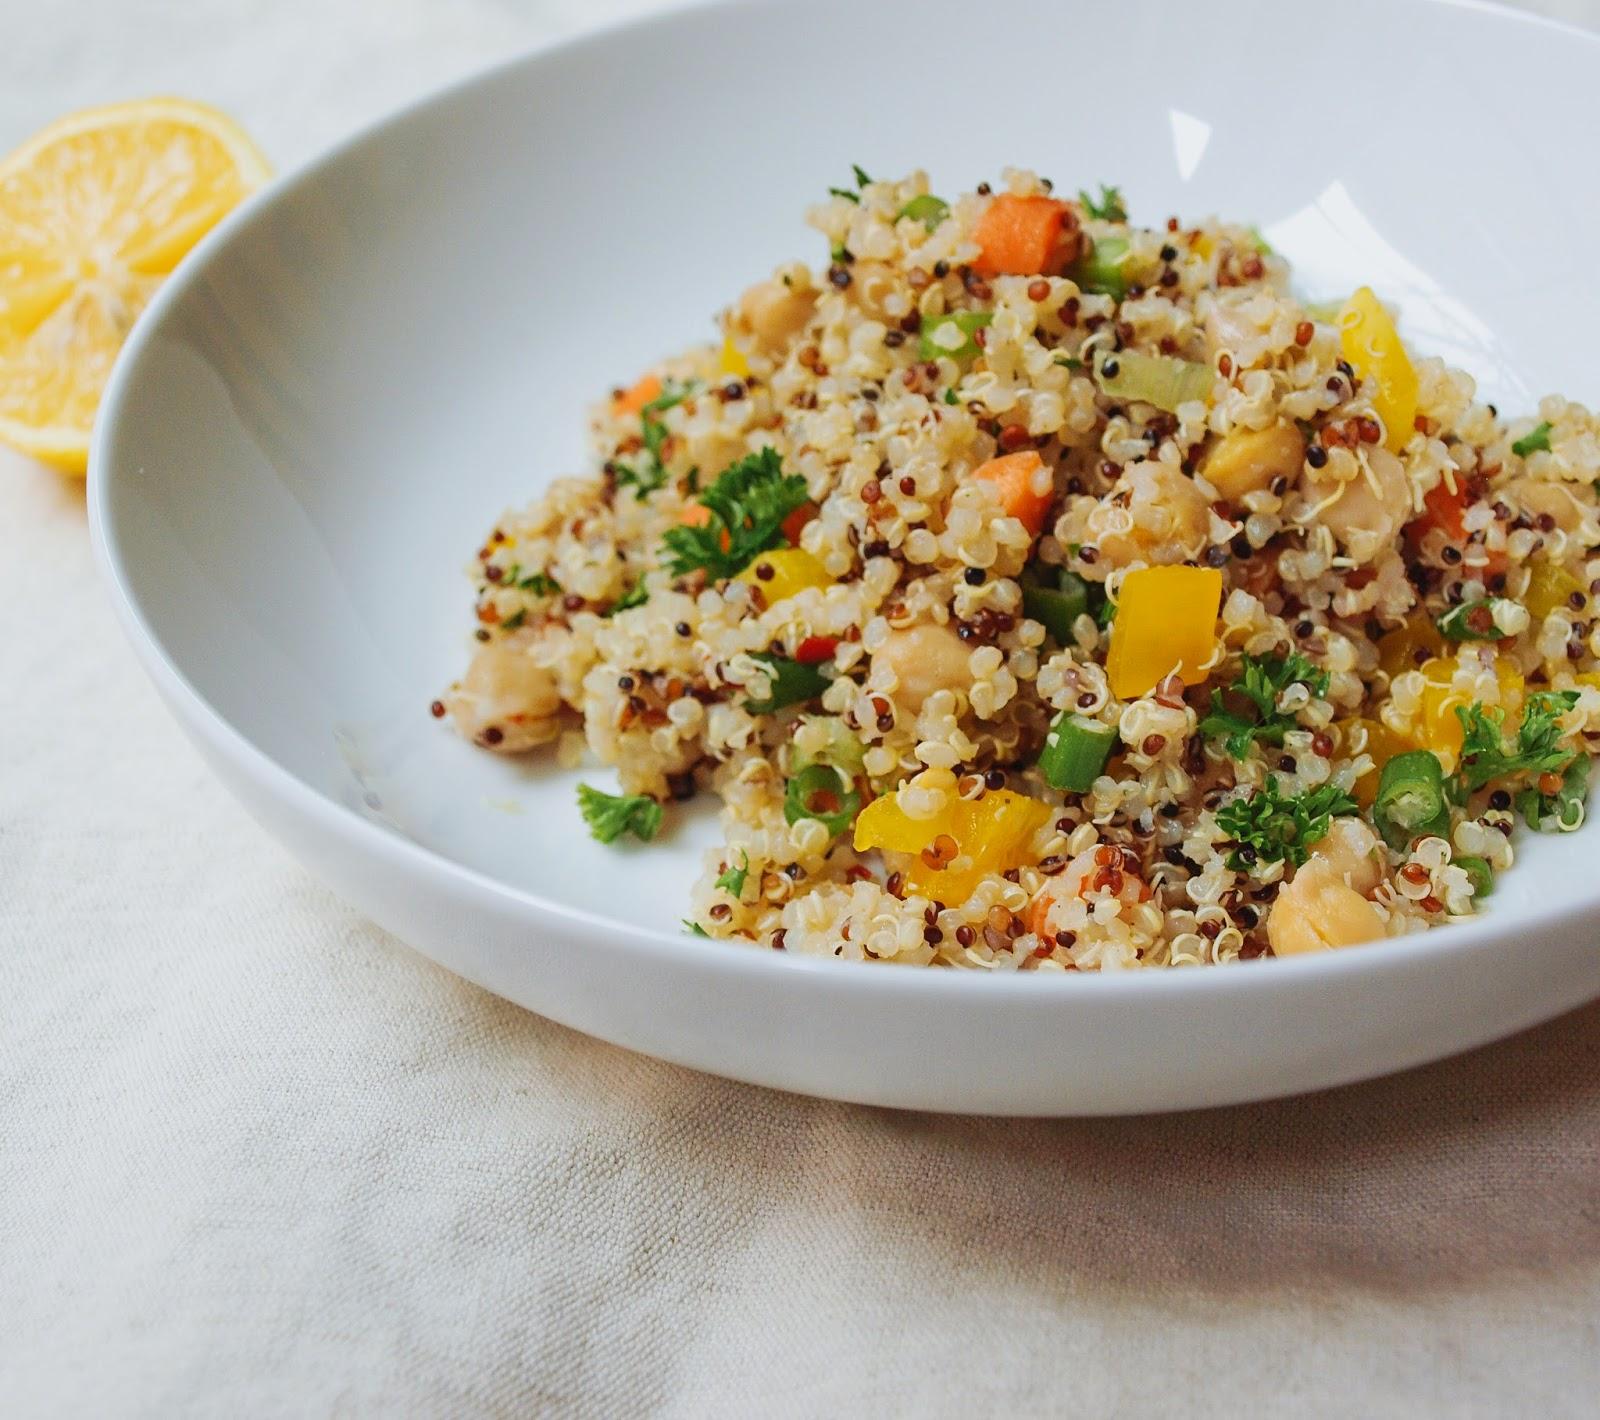 THE SIMPLE VEGANISTA: Quinoa + Chickpea Salad